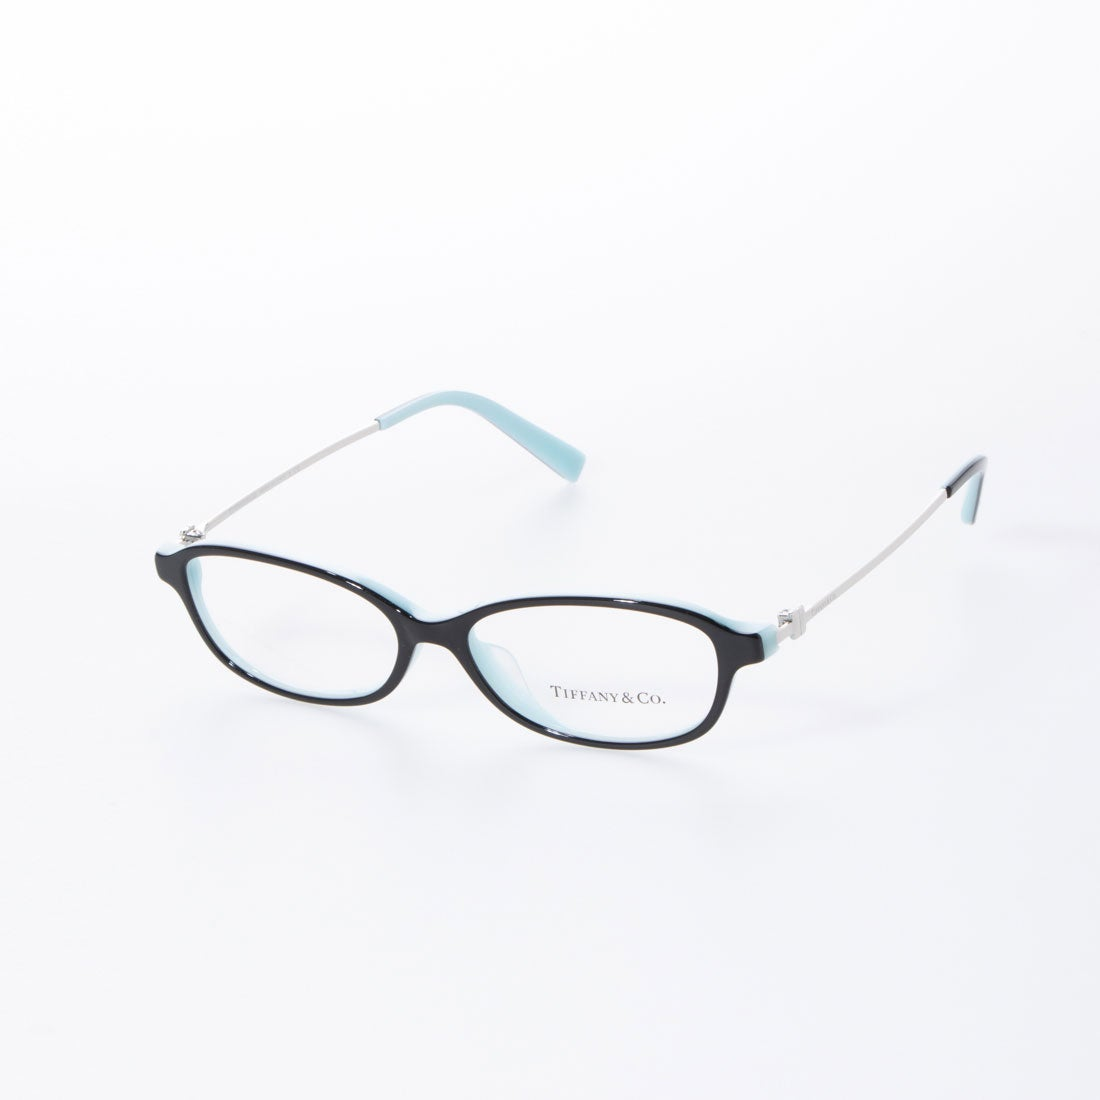 ティファニー TIFFANY メガネ 眼鏡 アイウェア レディース メンズ (ブラック/ブルー)